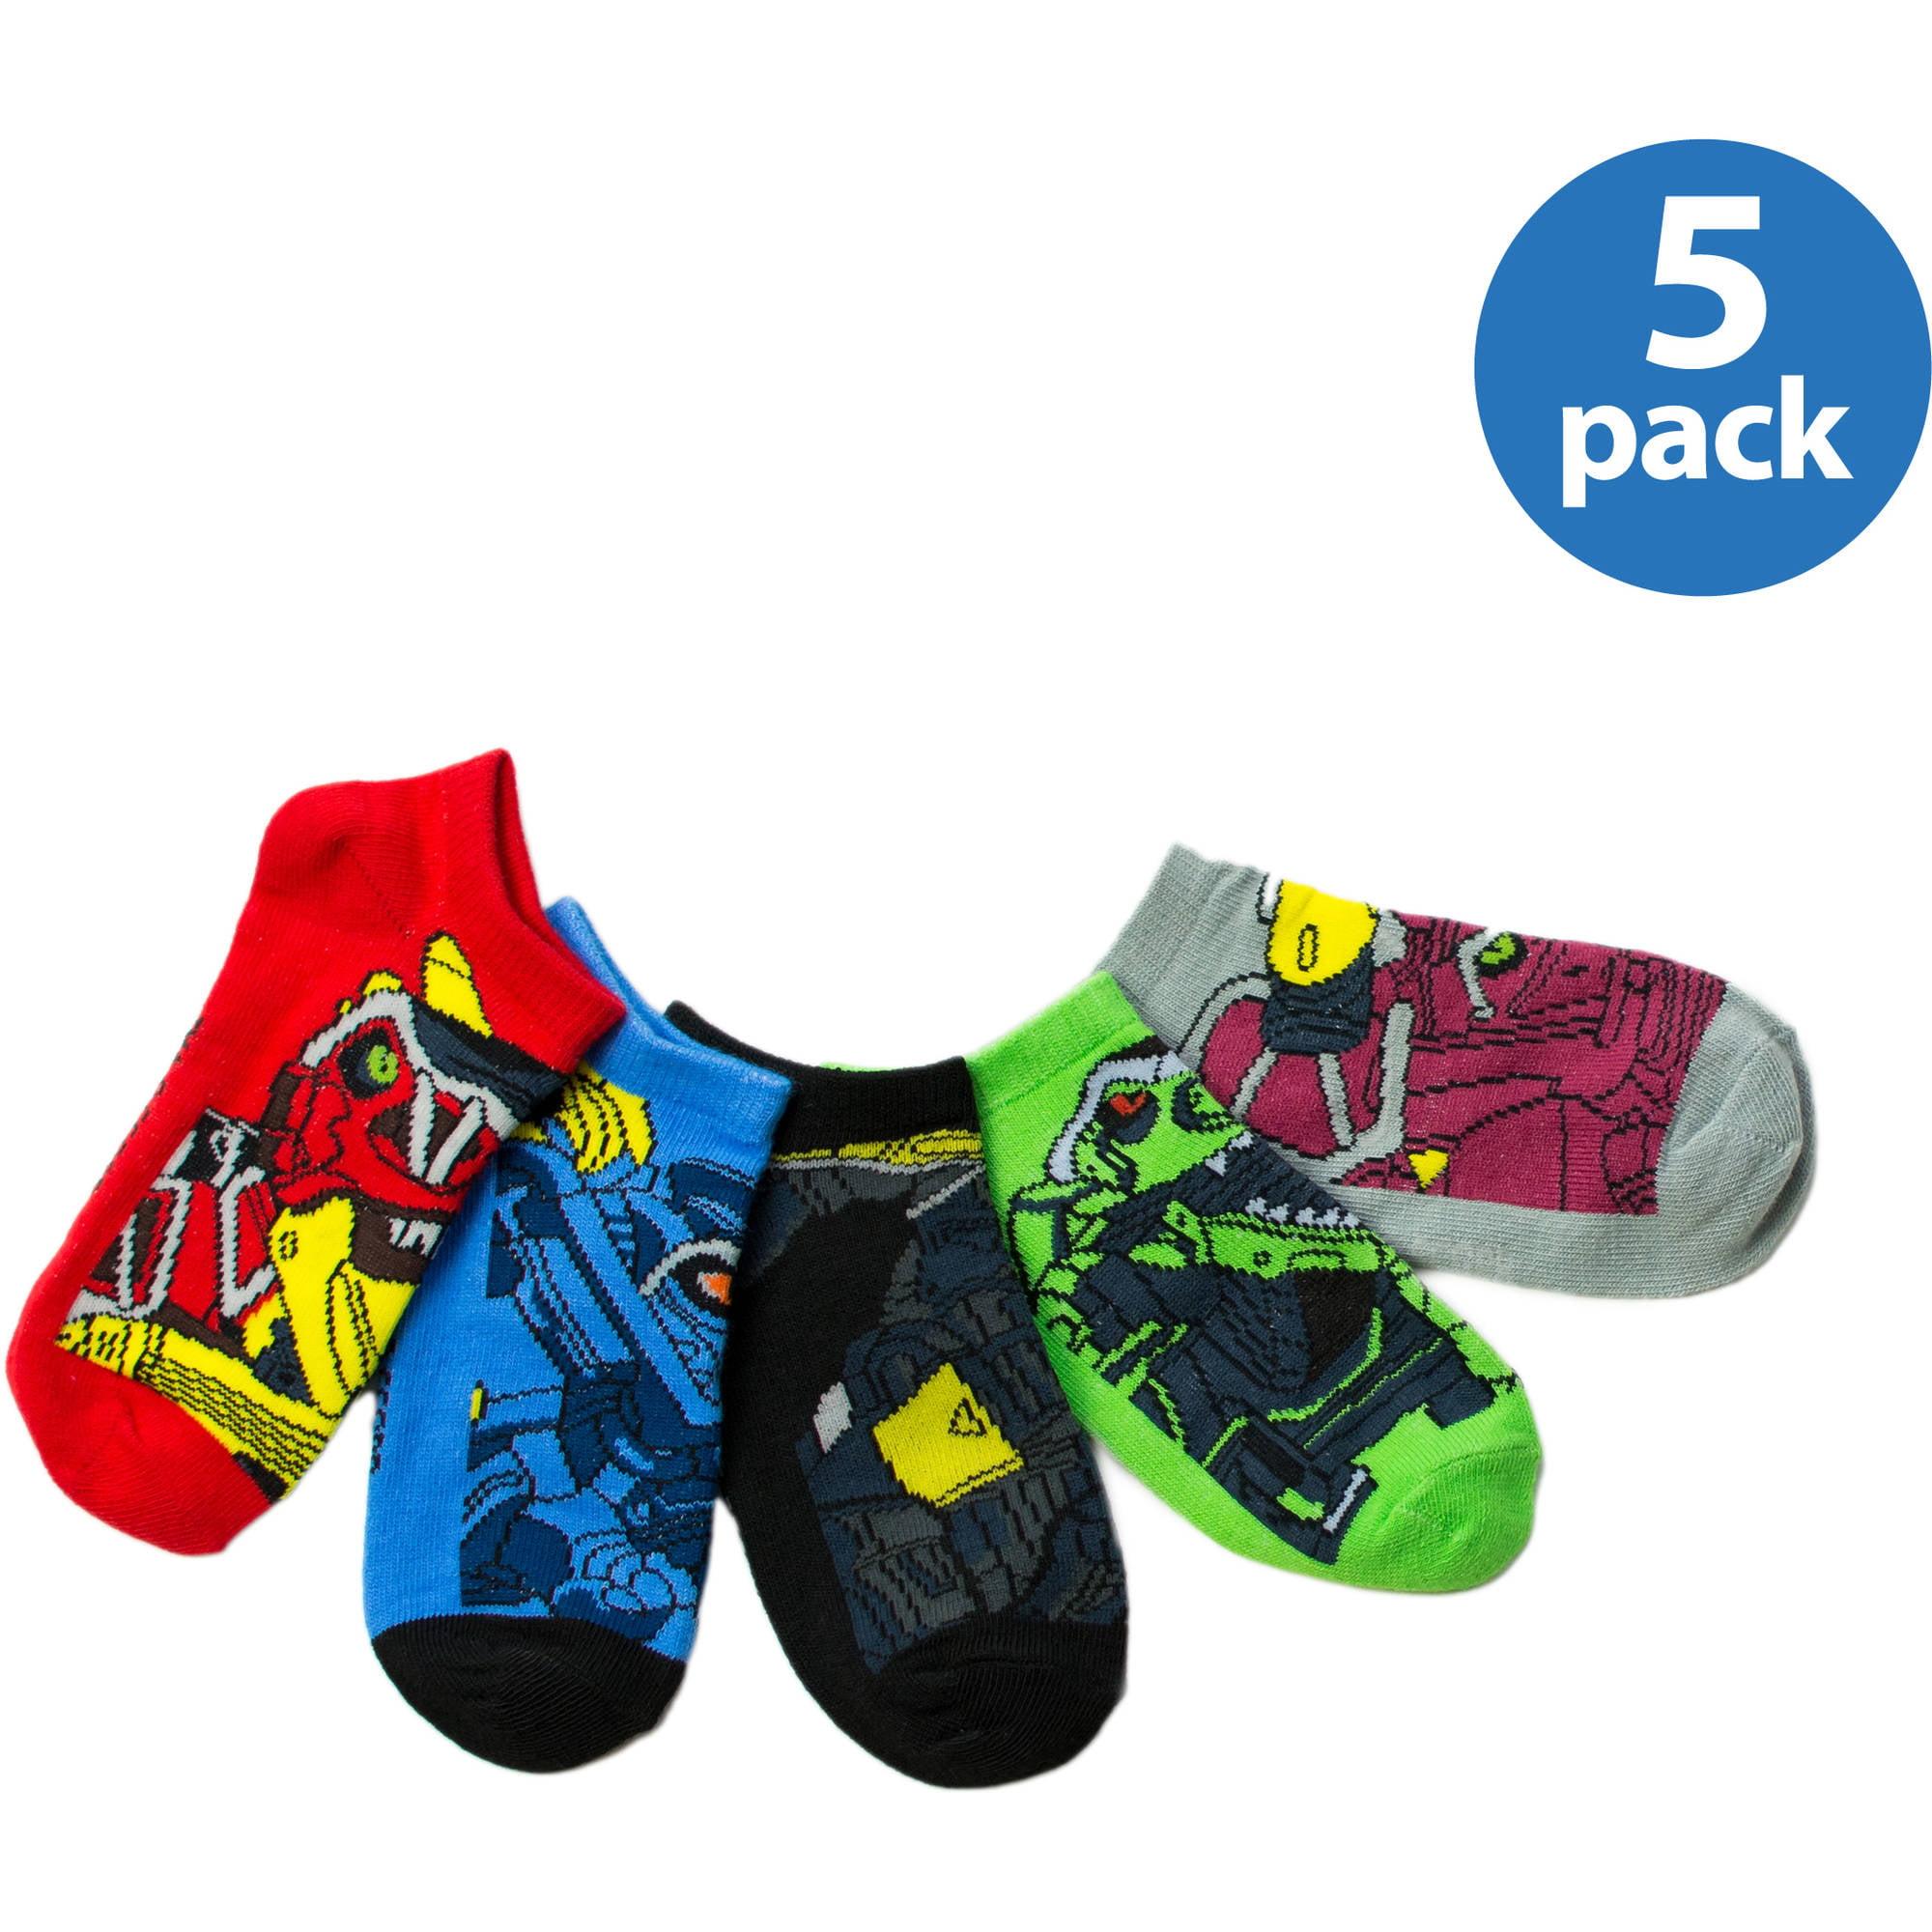 Power Ranger Boys No Show Socks, 5 Pack